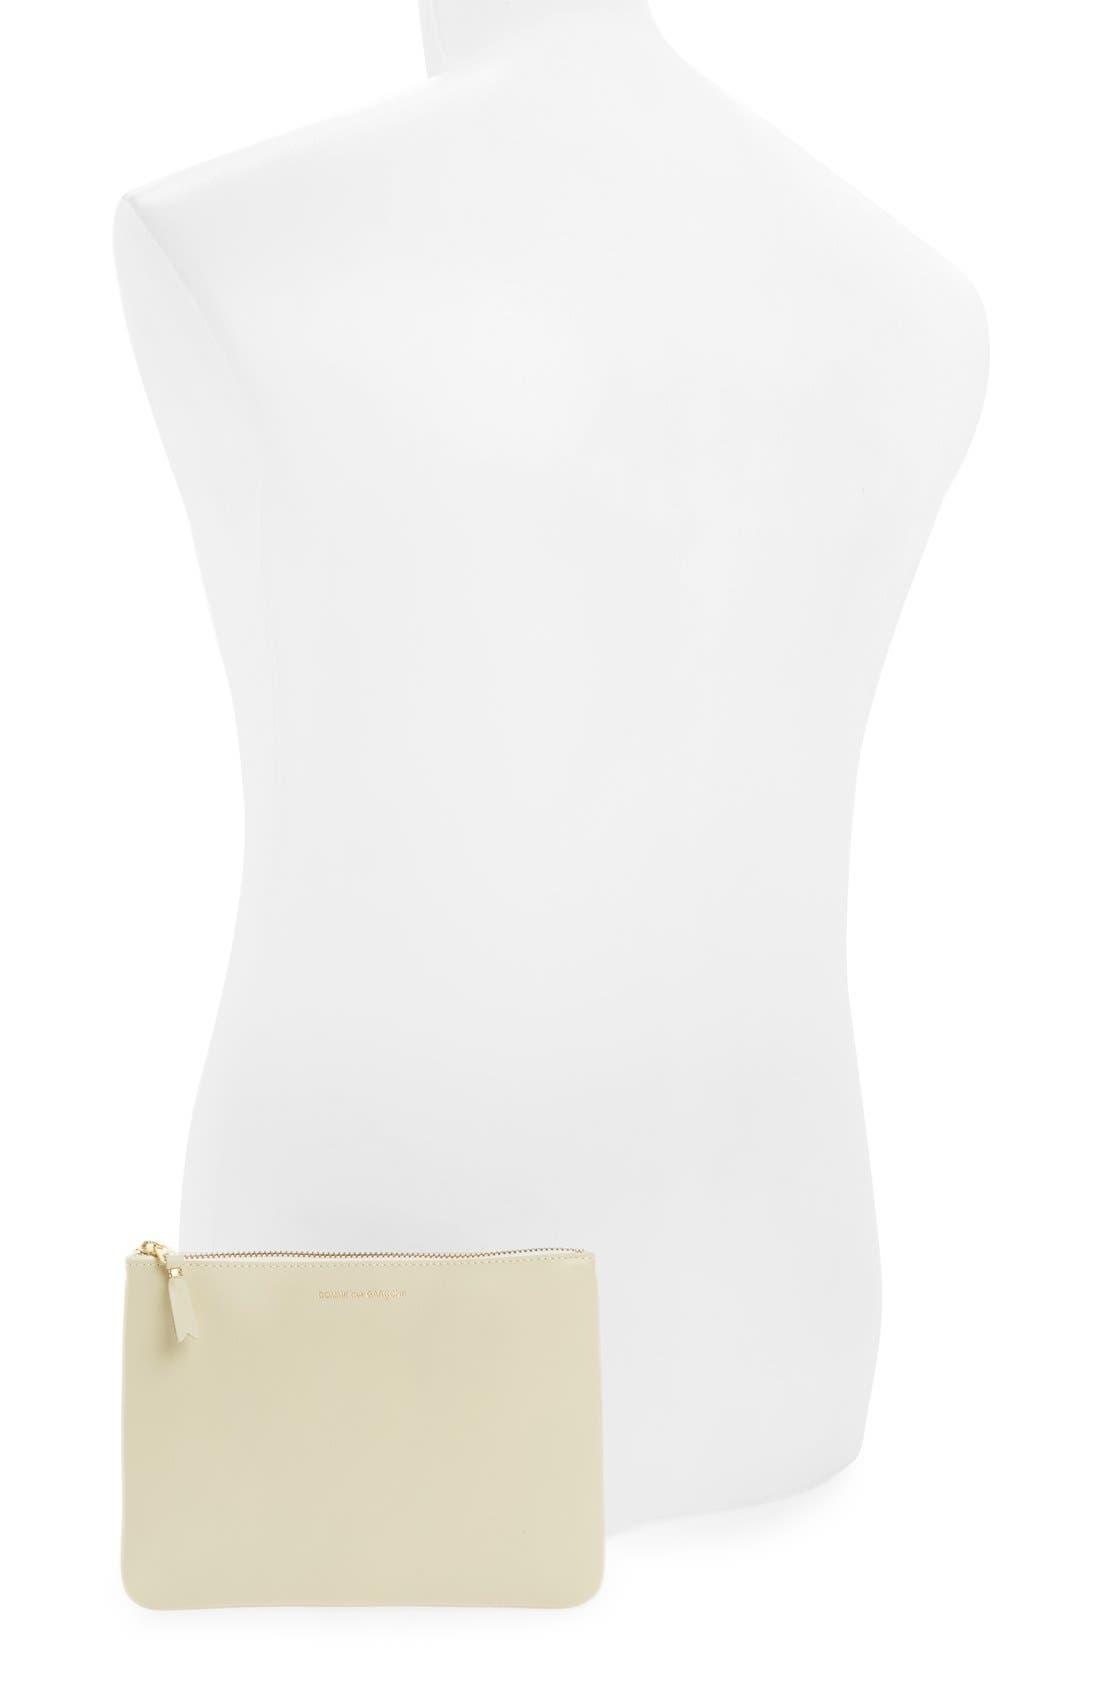 Alternate Image 2  - Comme des Garçons 'Large' Classic Leather Zip-Up Pouch